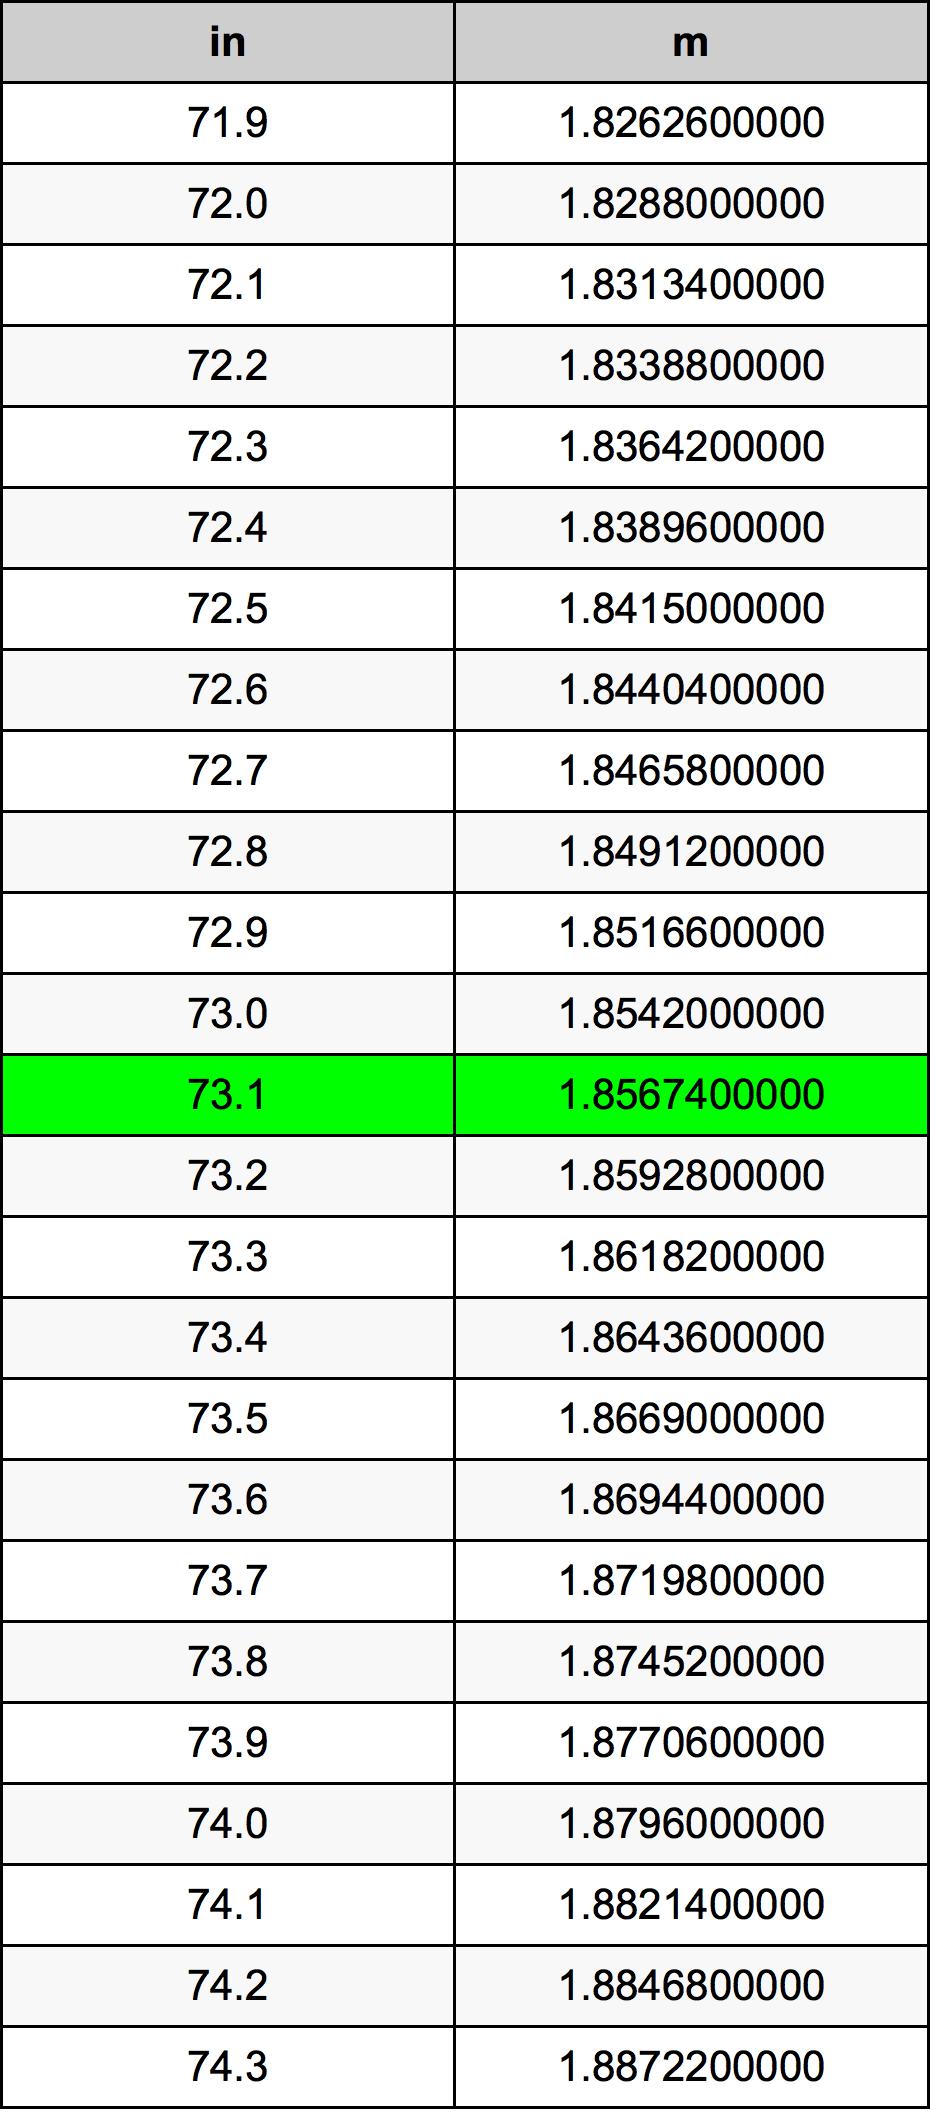 73.1インチ換算表